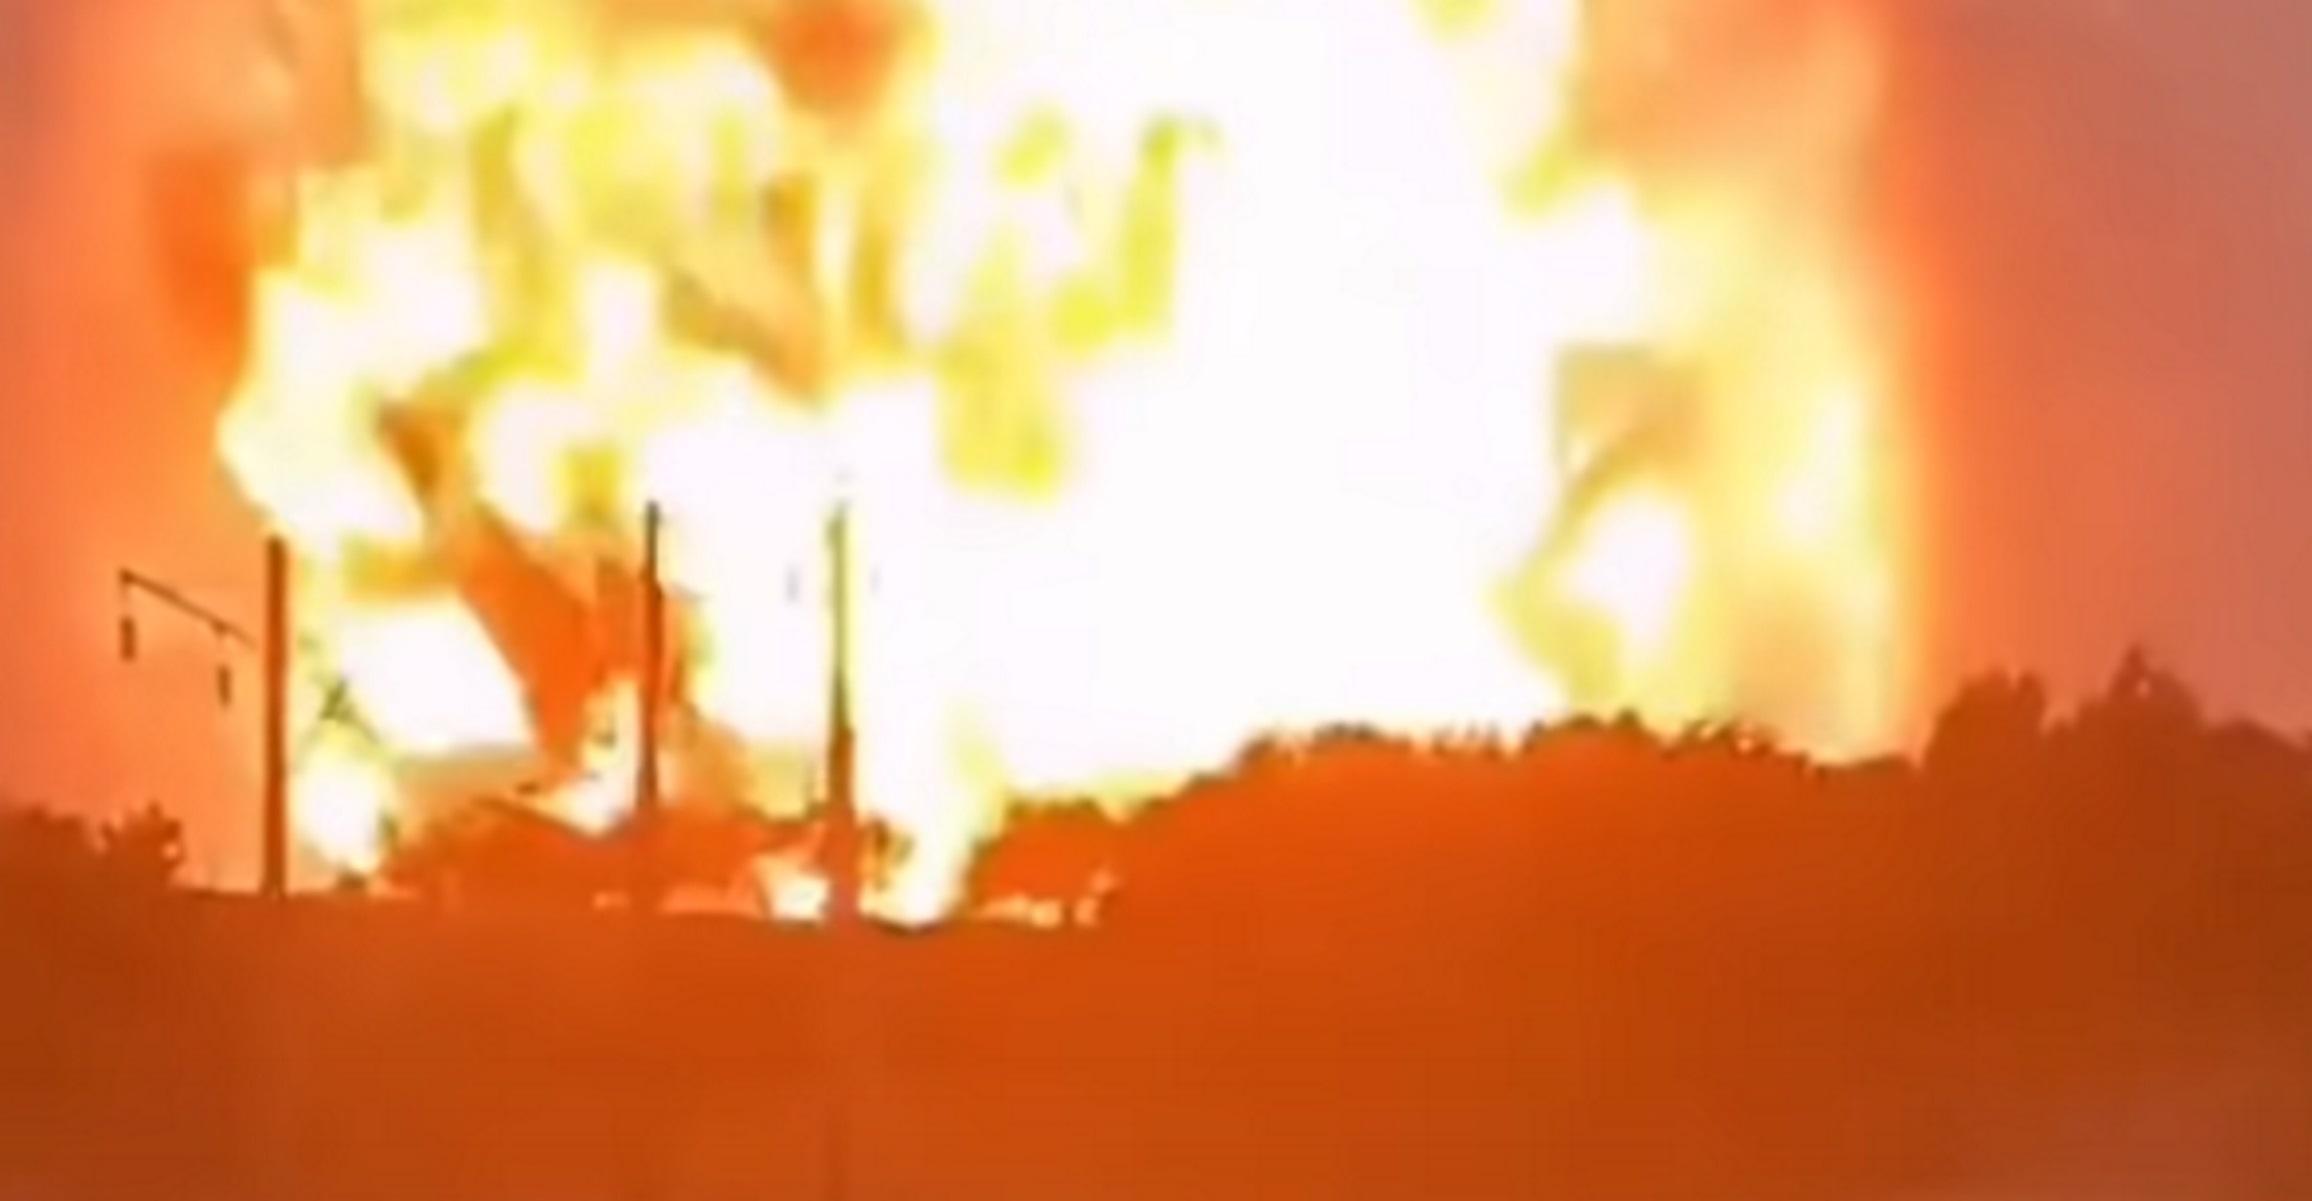 Καζακστάν: Τουλάχιστον 12 νεκροί και 98 τραυματίες από τρομερές εκρήξεις σε αποθήκη πυρομαχικών